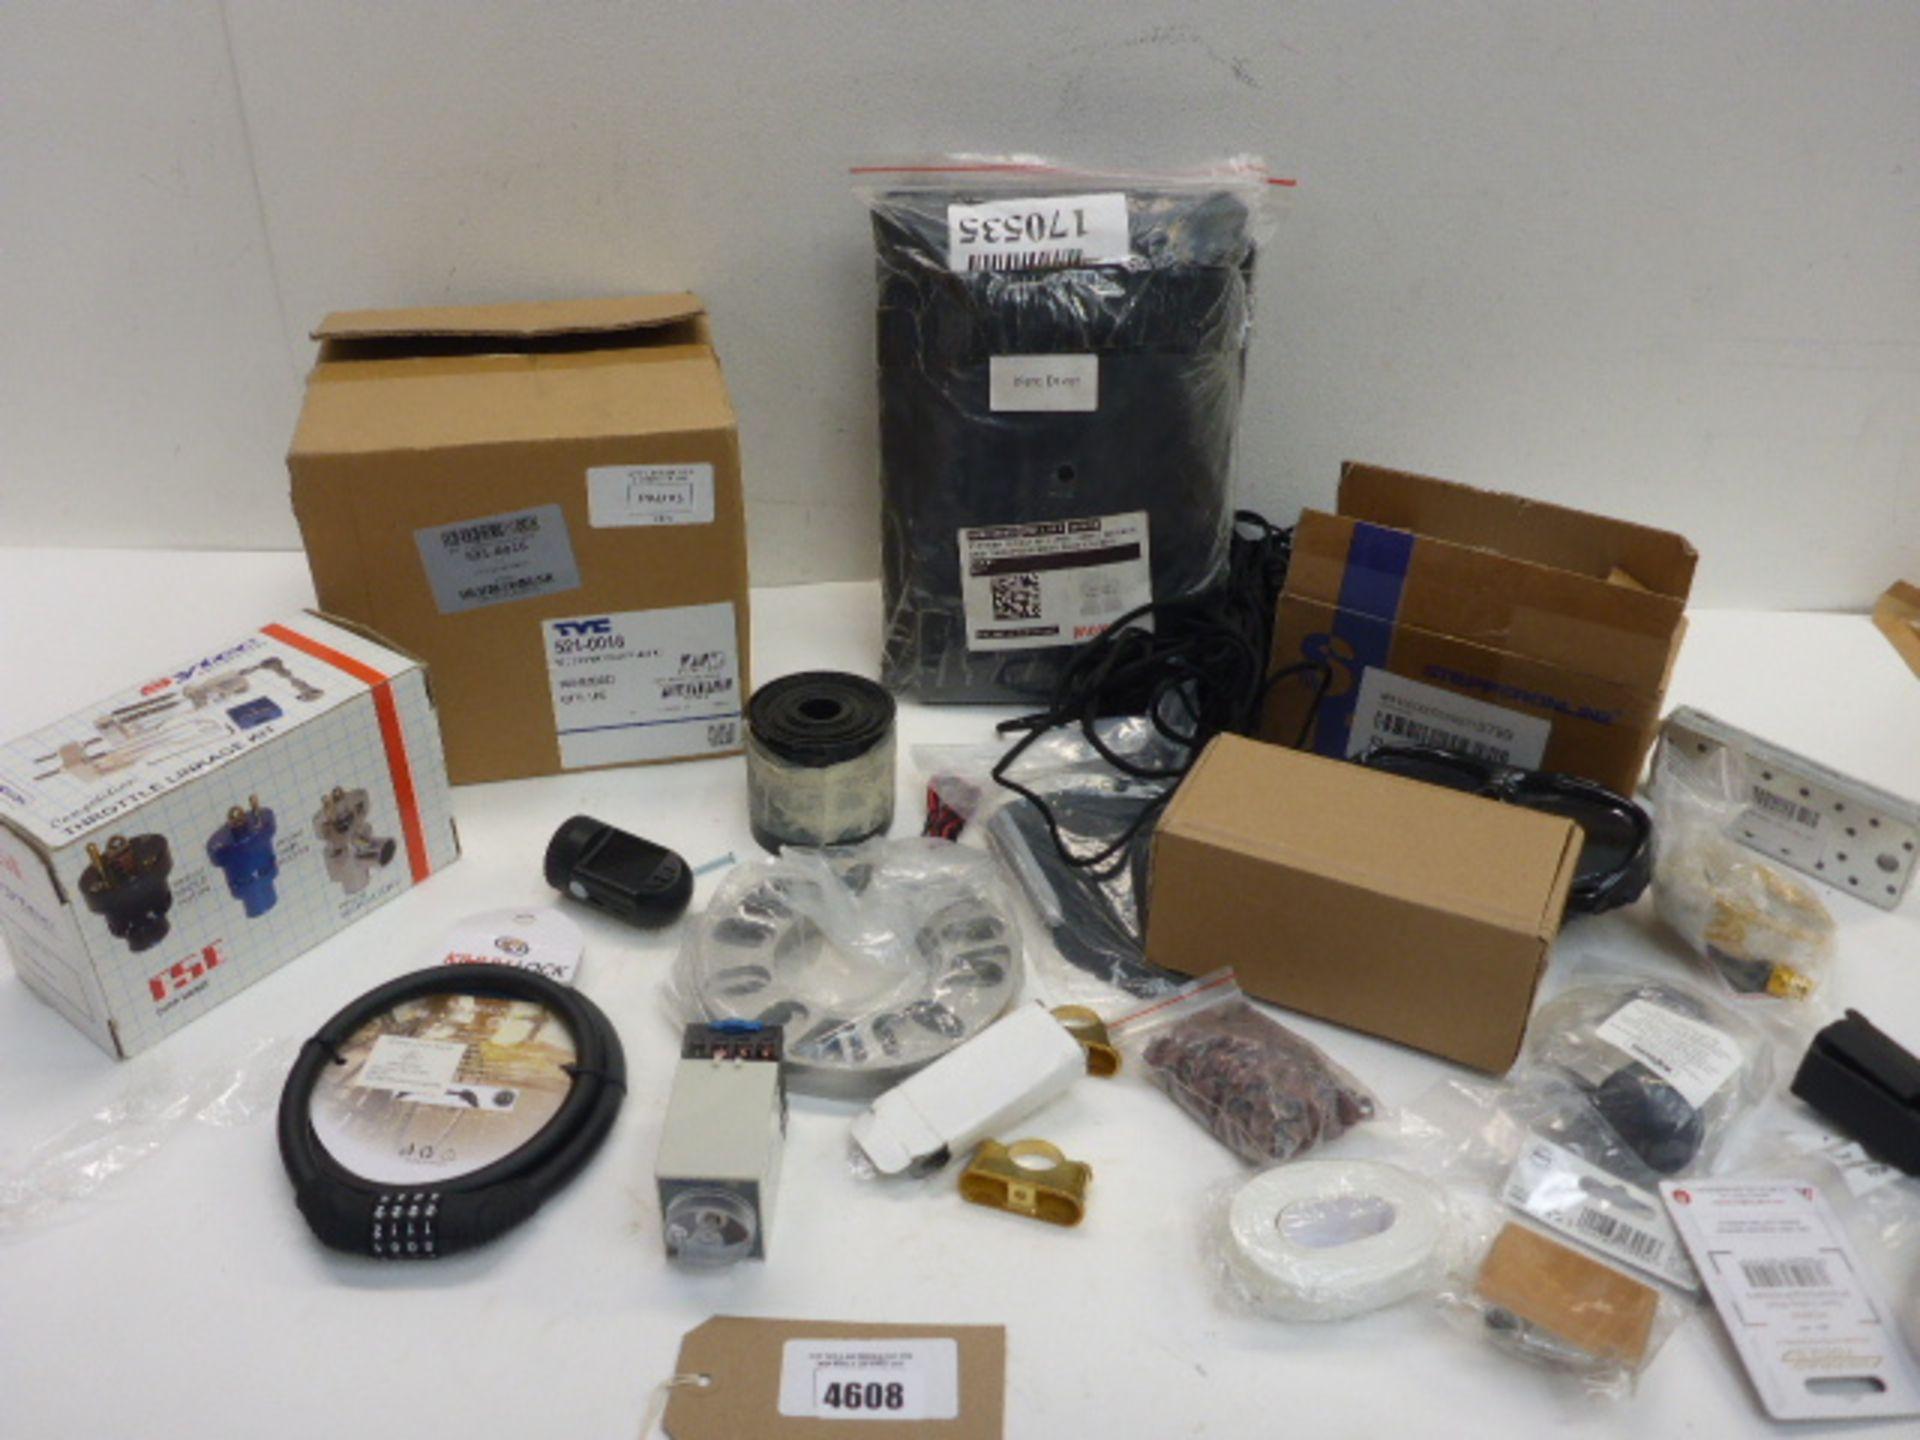 Lot 4608 - Mercedes C class fan & seat covers, bike locks, throttle linkage, dash cam, Stepperonline ballast,